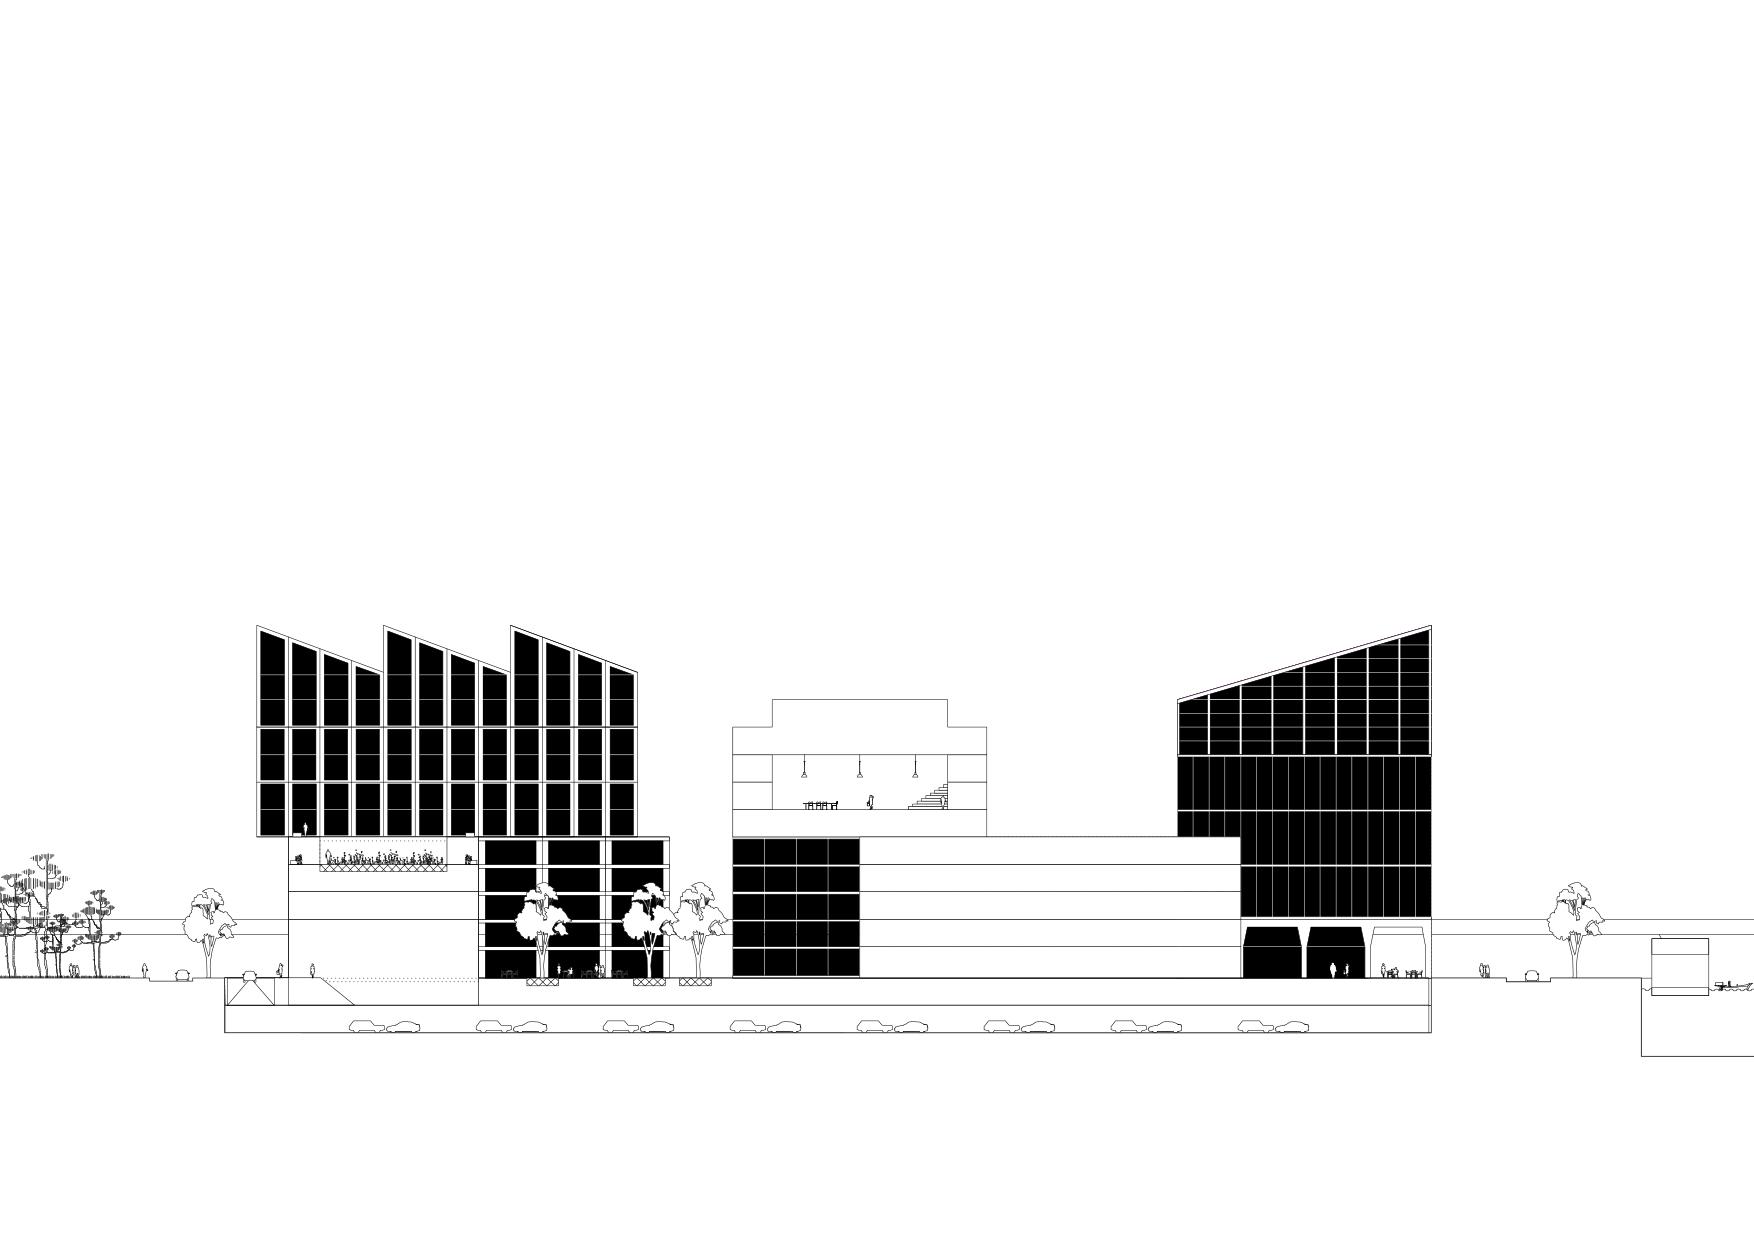 <p>Langsdoorsnede met Meditatietuin als Hortus conclusus op het dak</p>